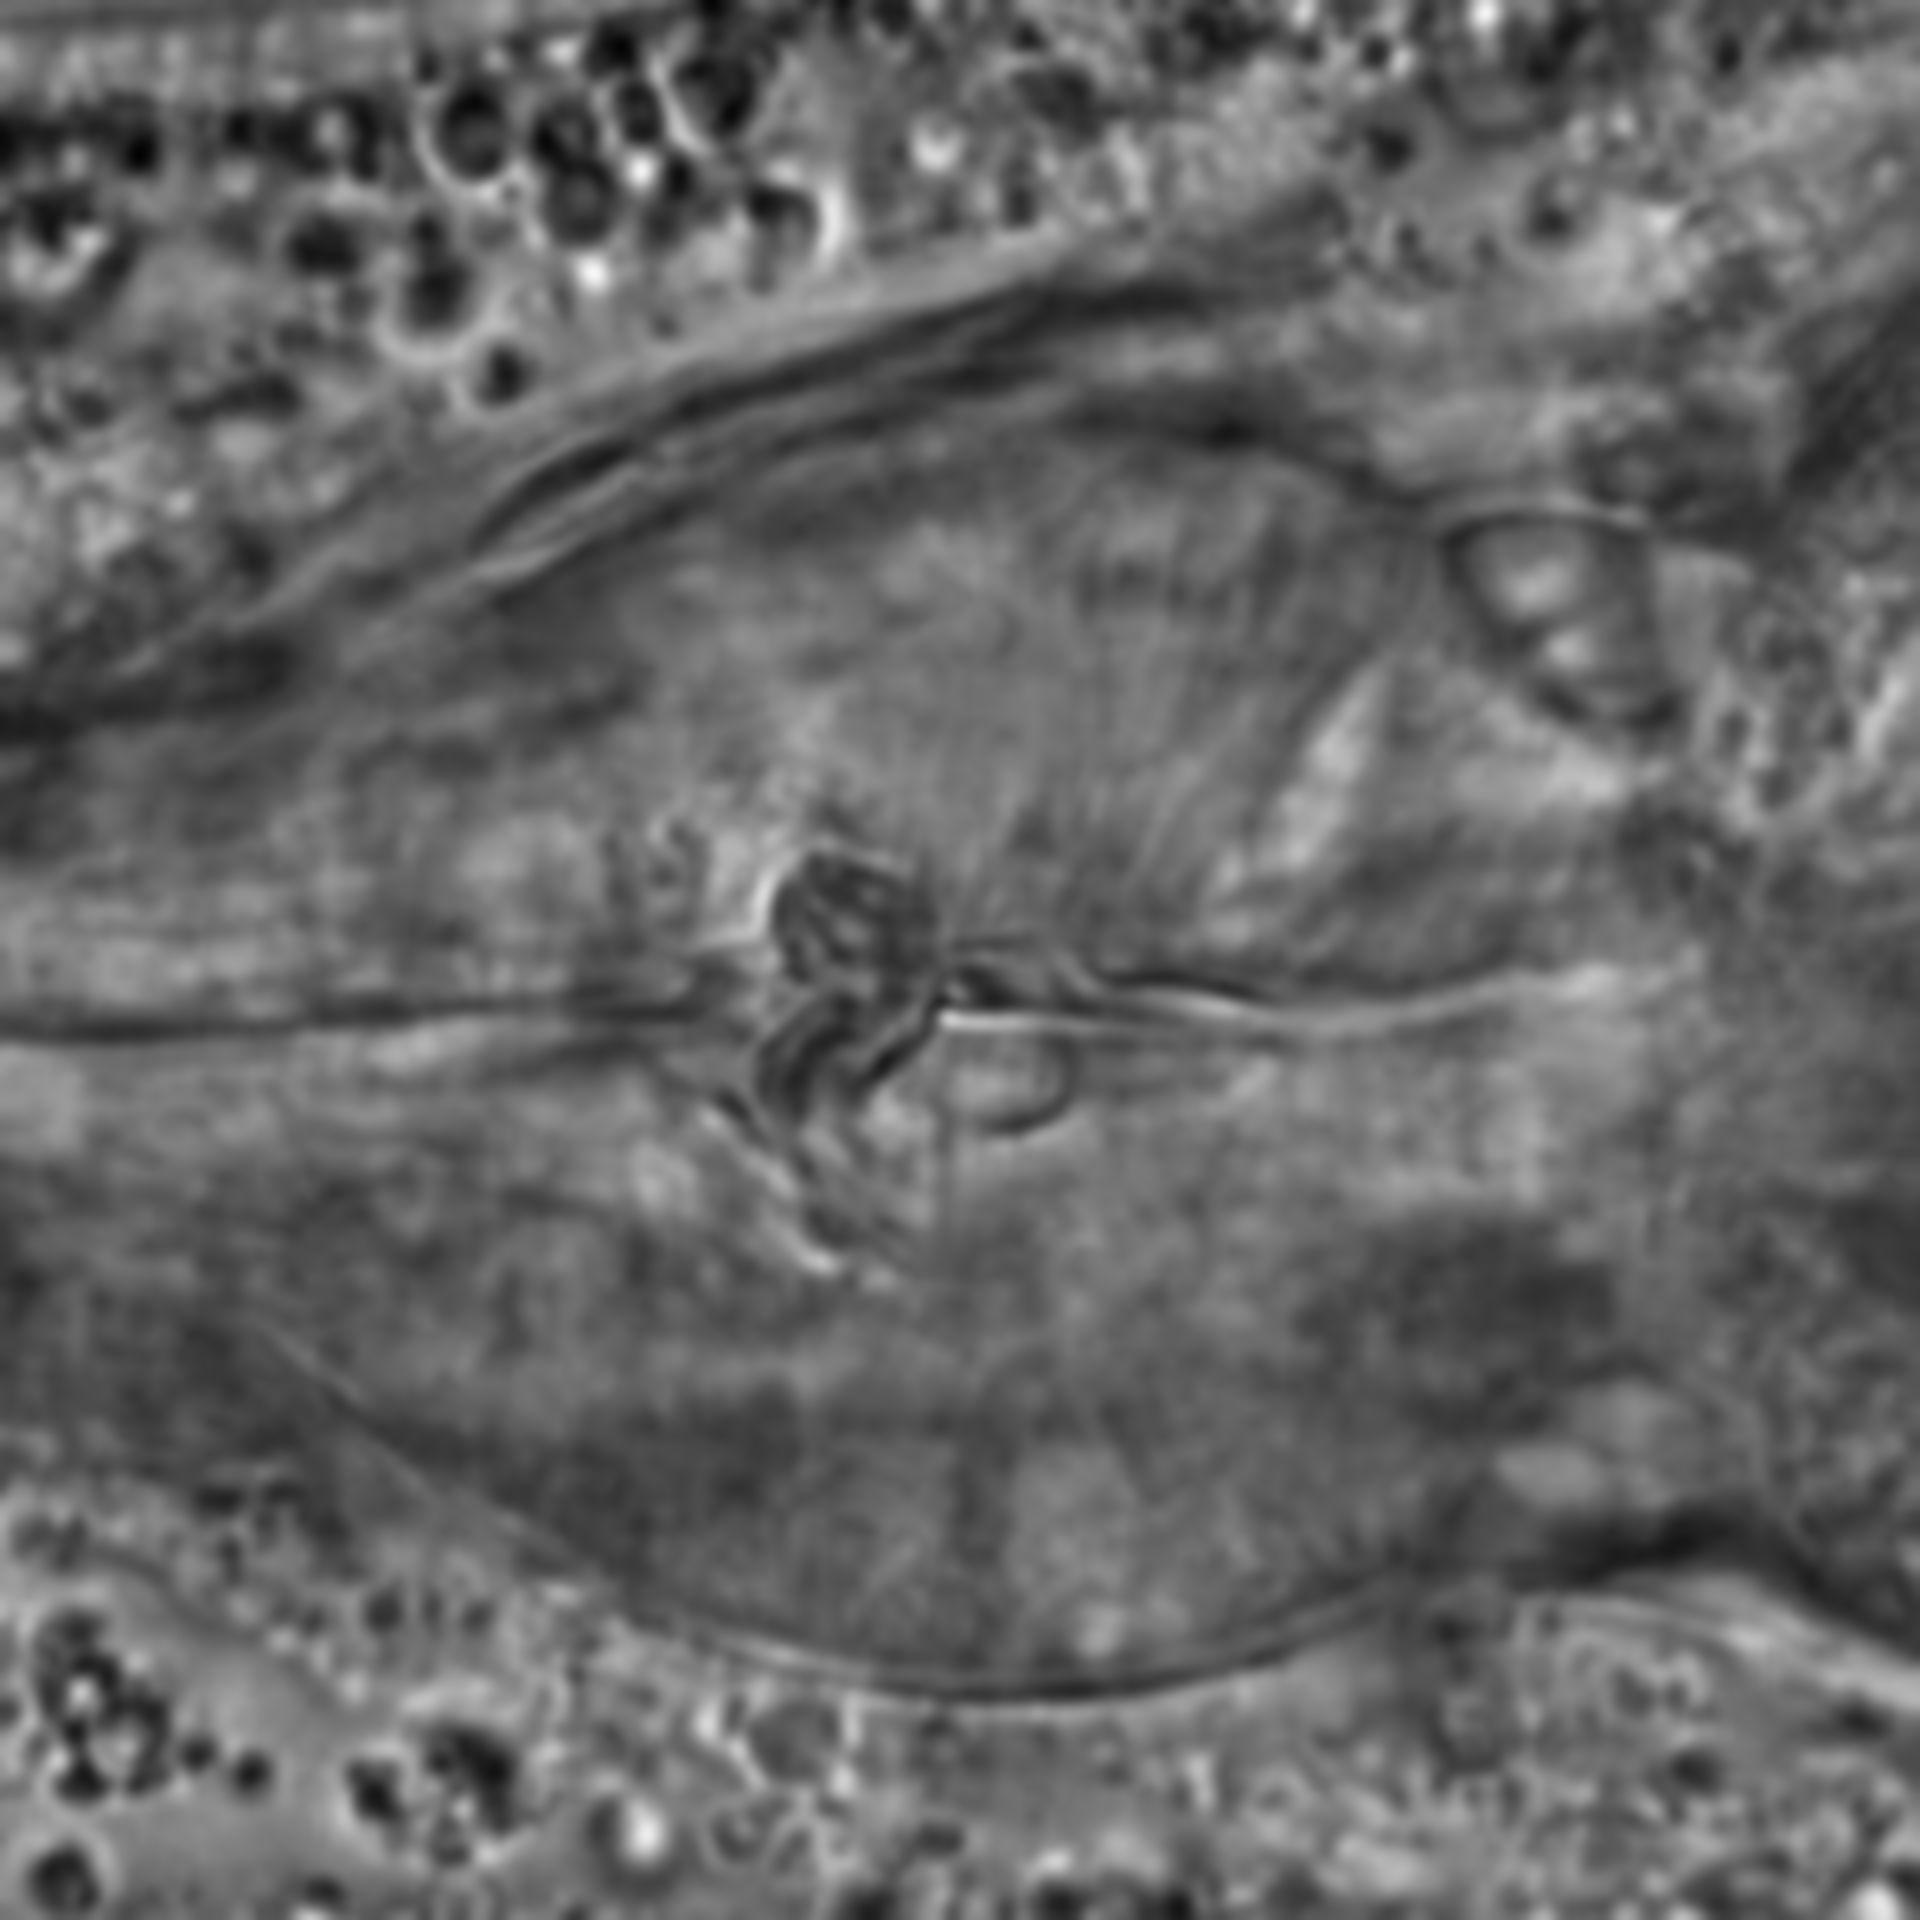 Caenorhabditis elegans - CIL:2056